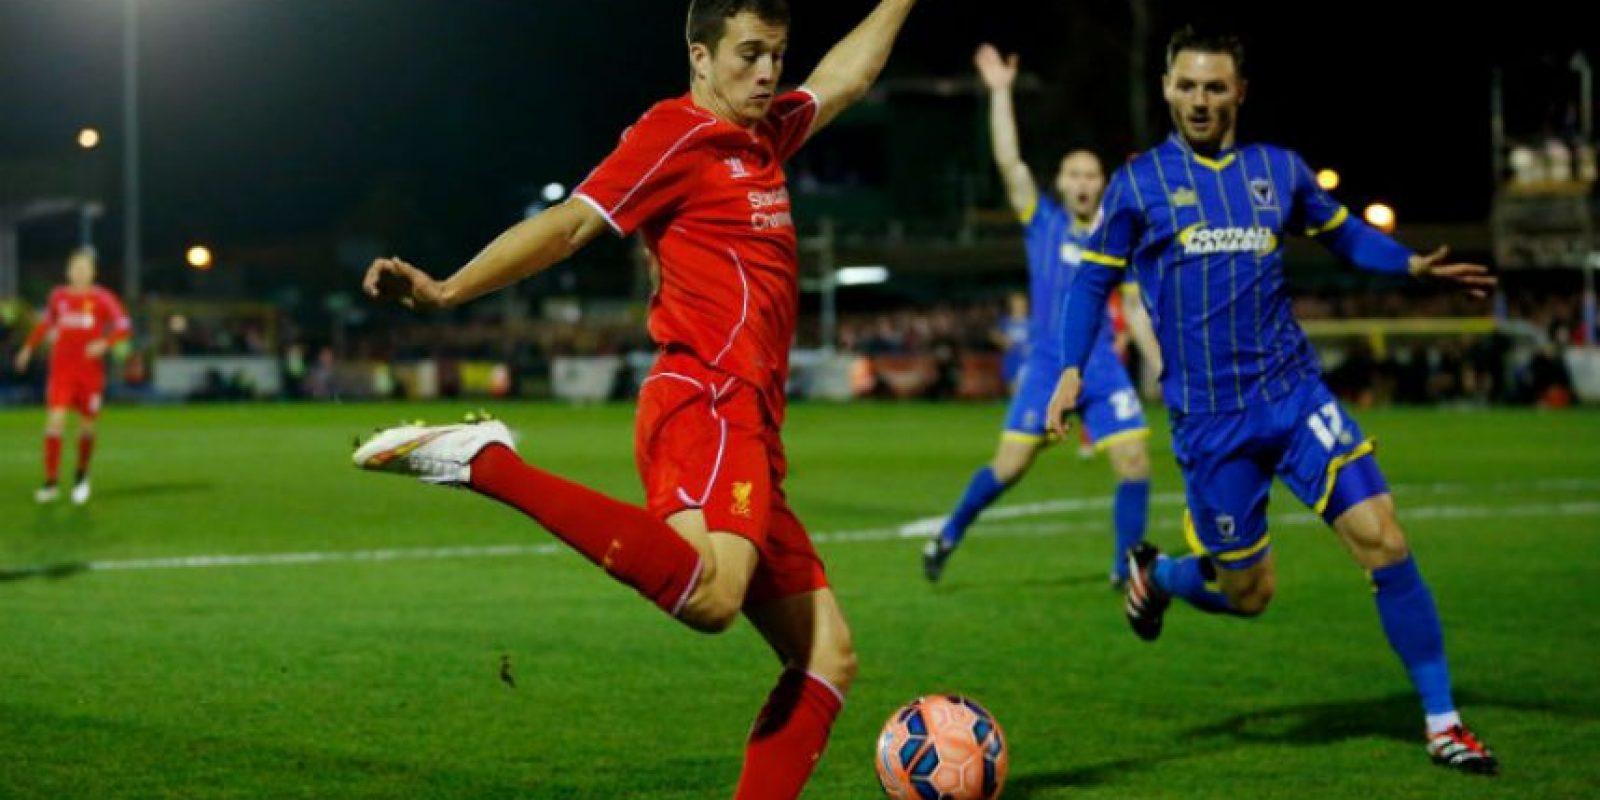 El canterano fue cedido al Liverpool la campaña pasada y ahora juega con el Olymique de Marsella Foto:Getty Images